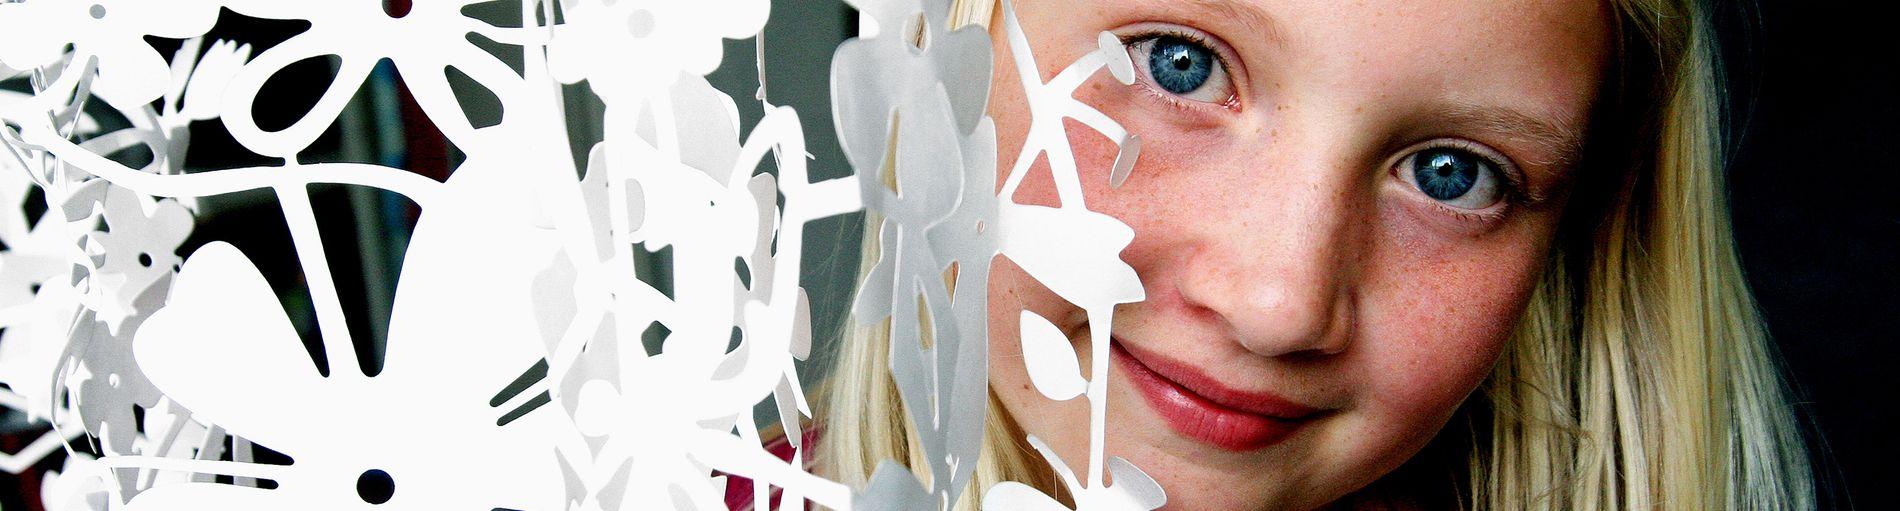 Ein Mädchen steht neben einer weißen Papiergirlande mit Blumenmotiven.